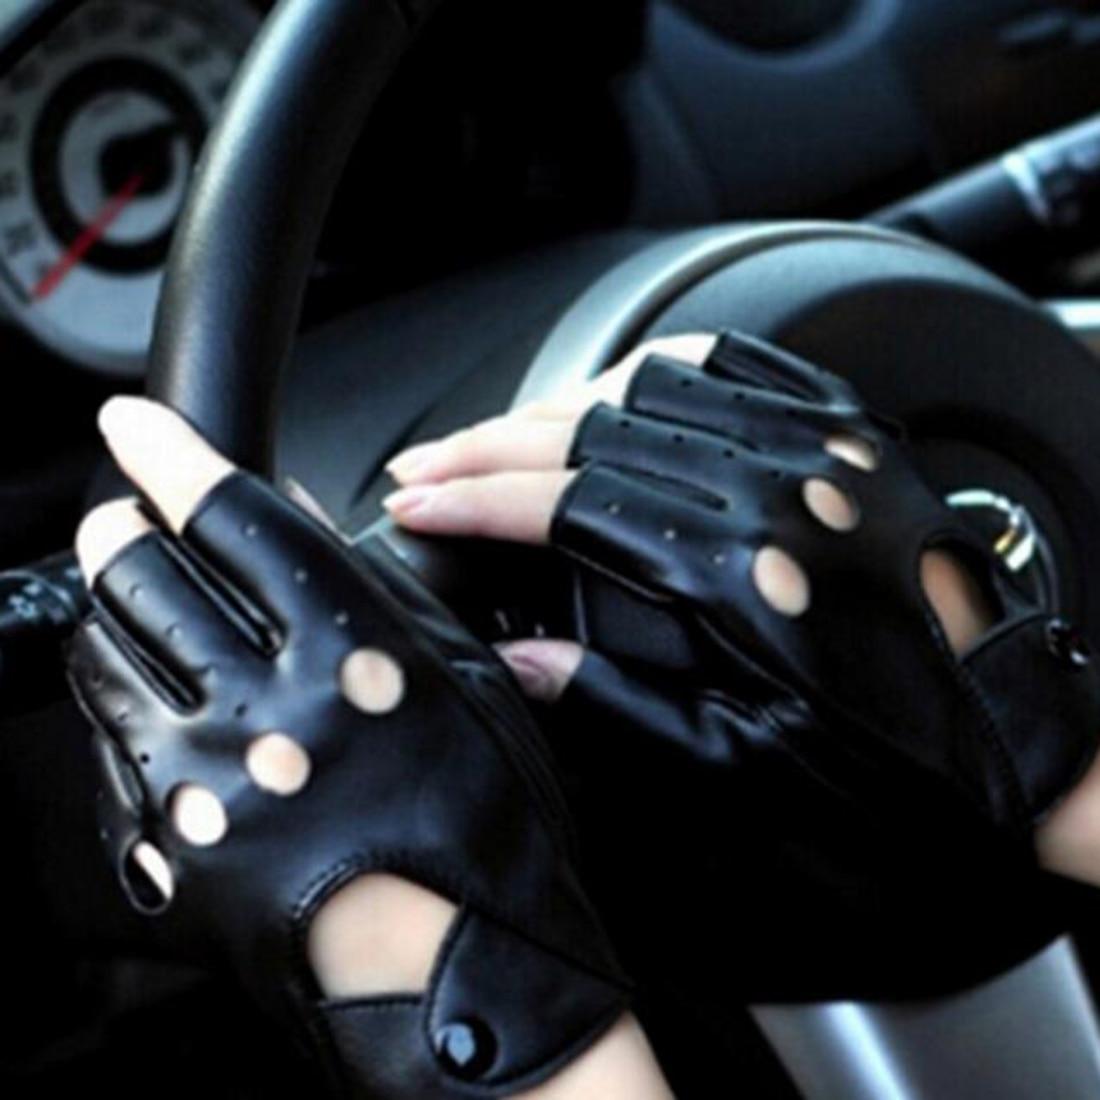 New 1Pair Fashion Half Finger Driving Women Gloves PU Leather Fingerless Gloves For Women Black